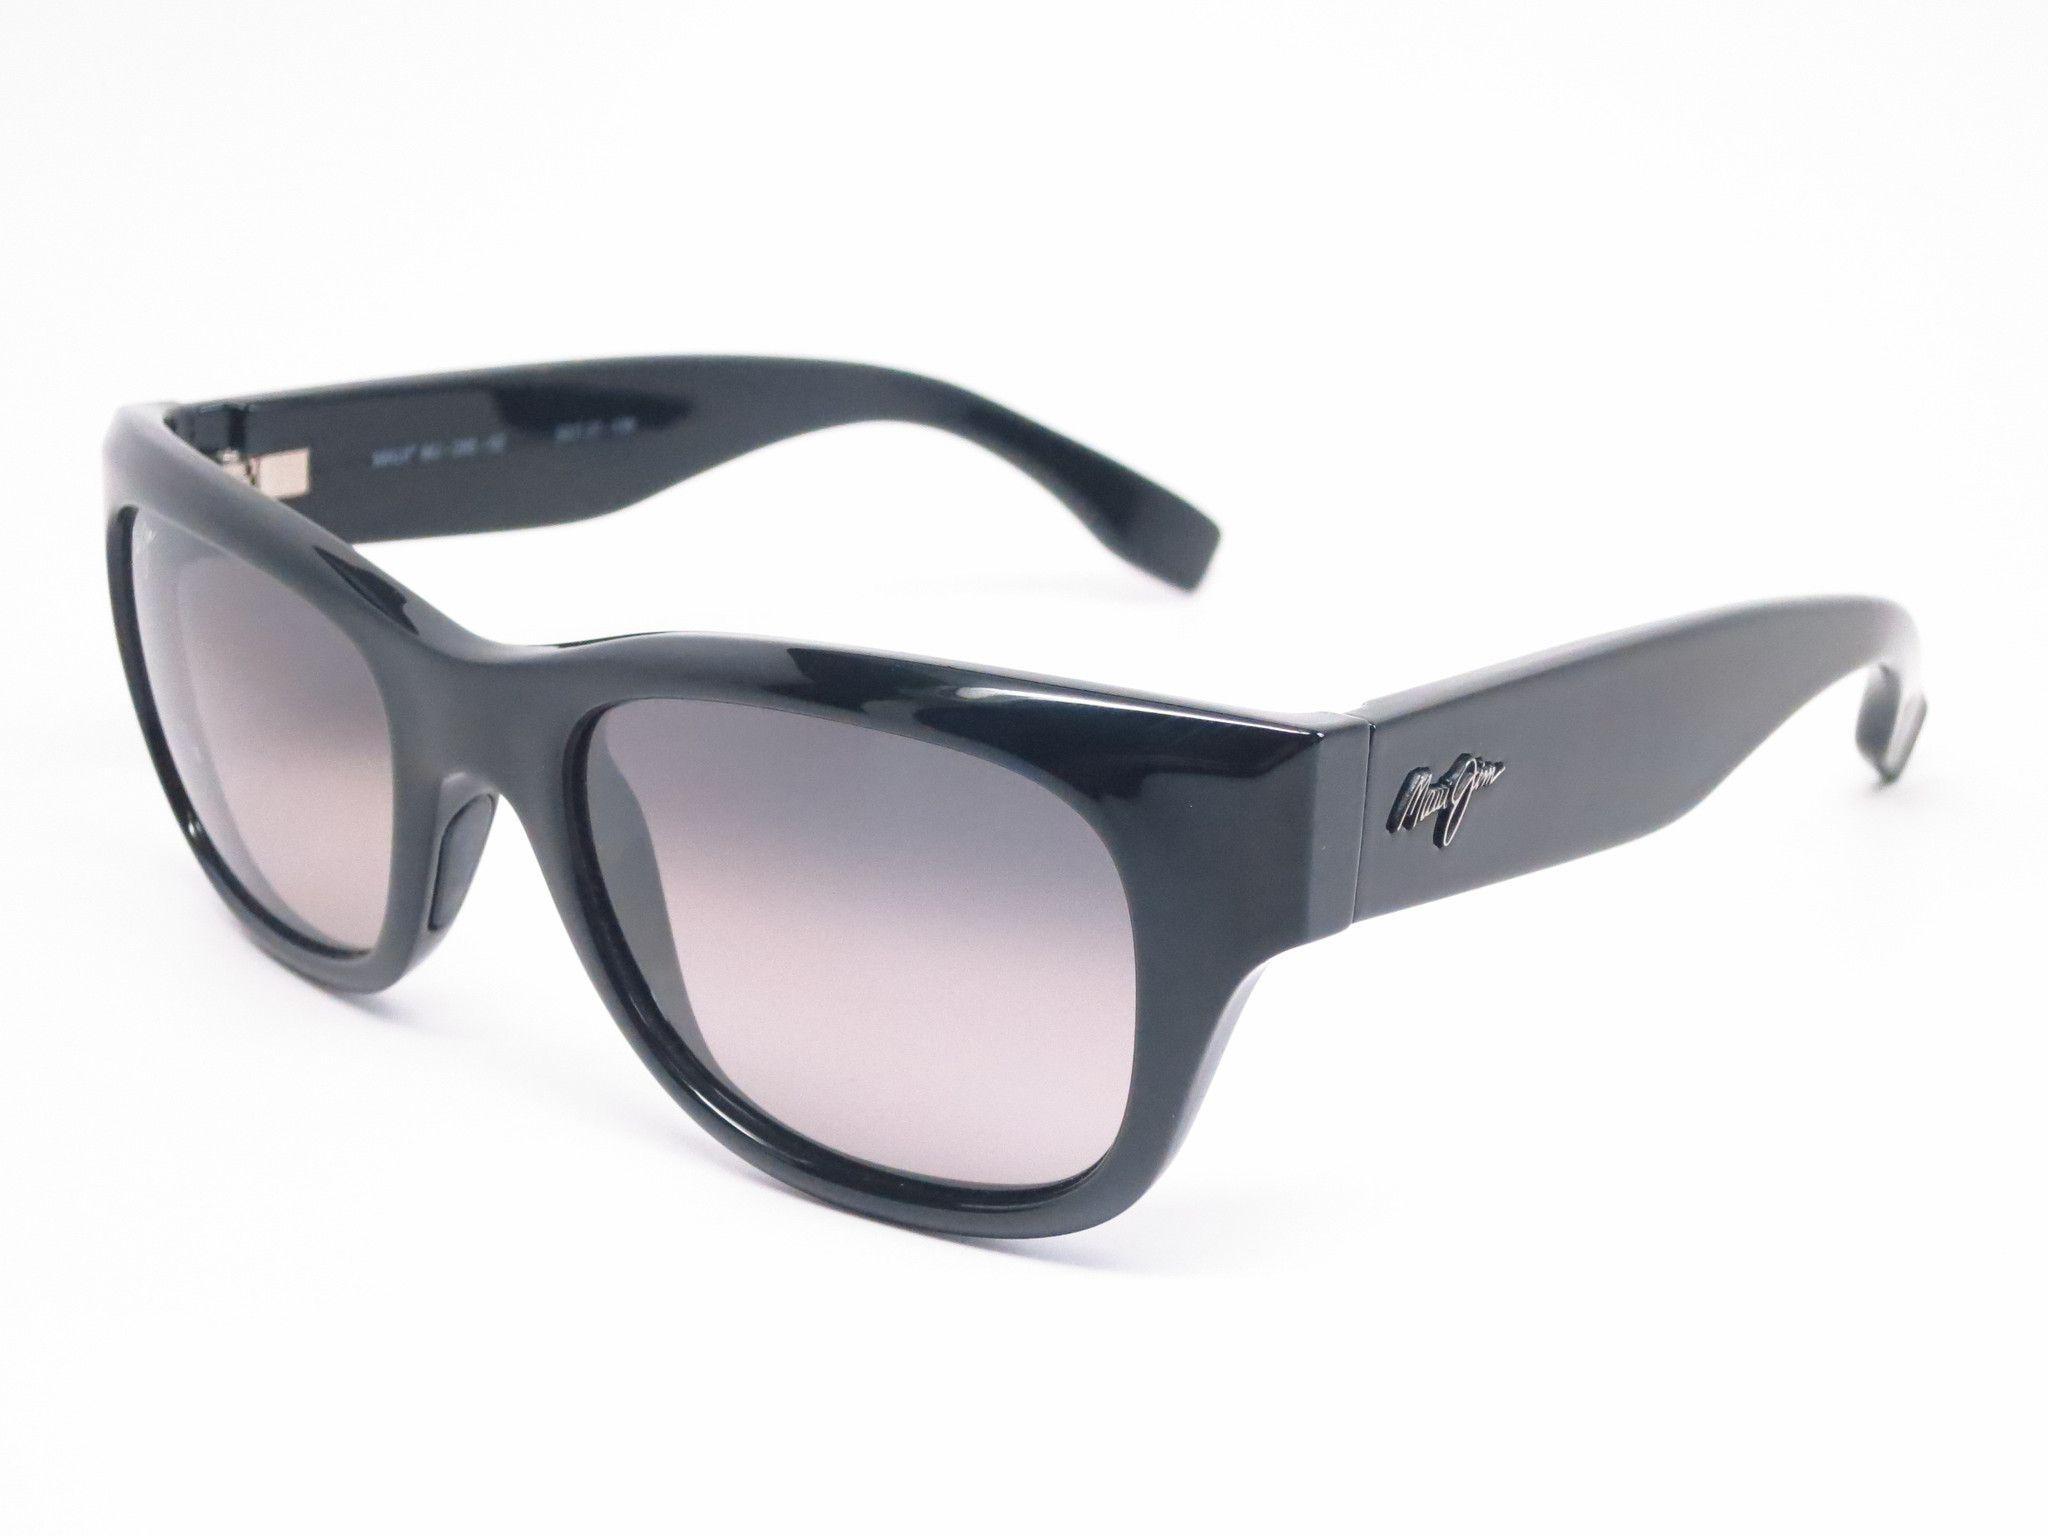 Maui jim kahoma mj gs28502 black polarized sunglasses